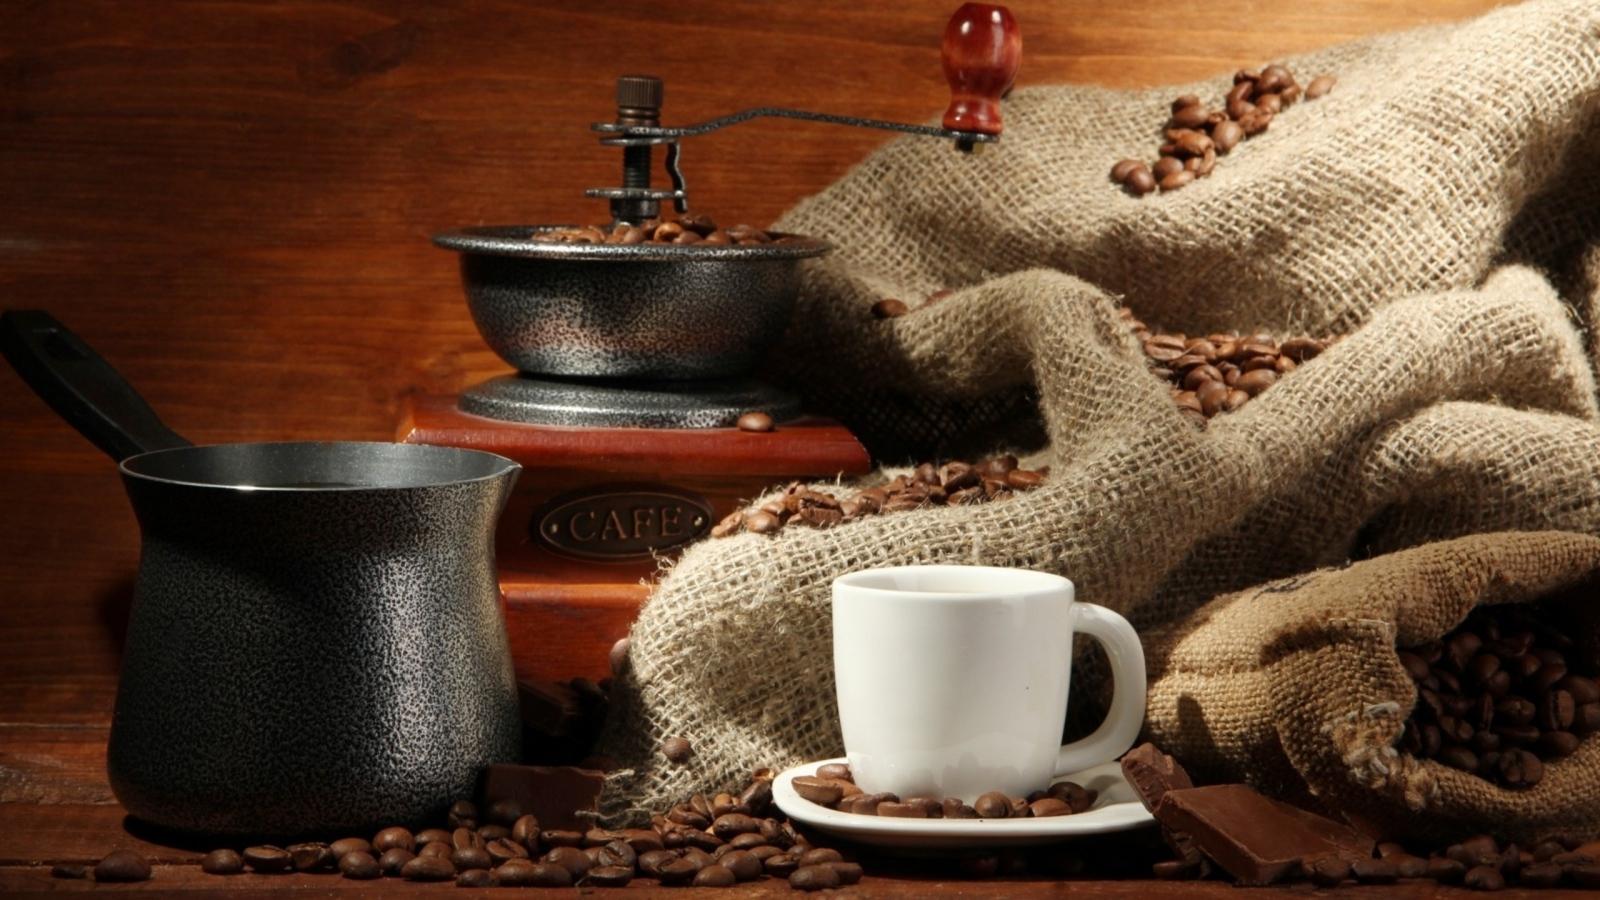 Рекомендую! Свежеобжаренный кофе по лучшим ценам, листовой чай, сиропы и сопутствующие товары